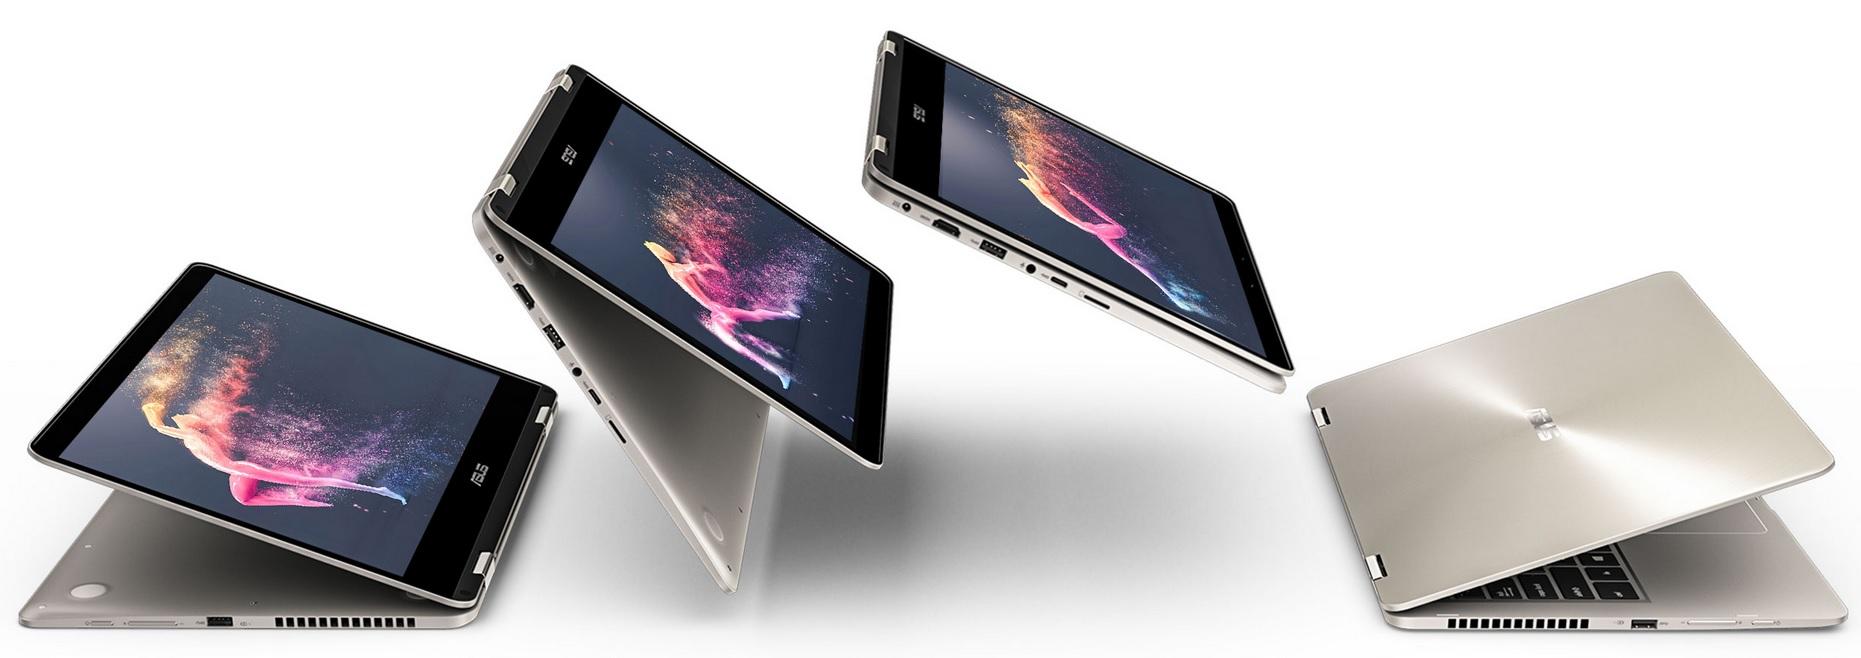 Datenblatt Iphone X